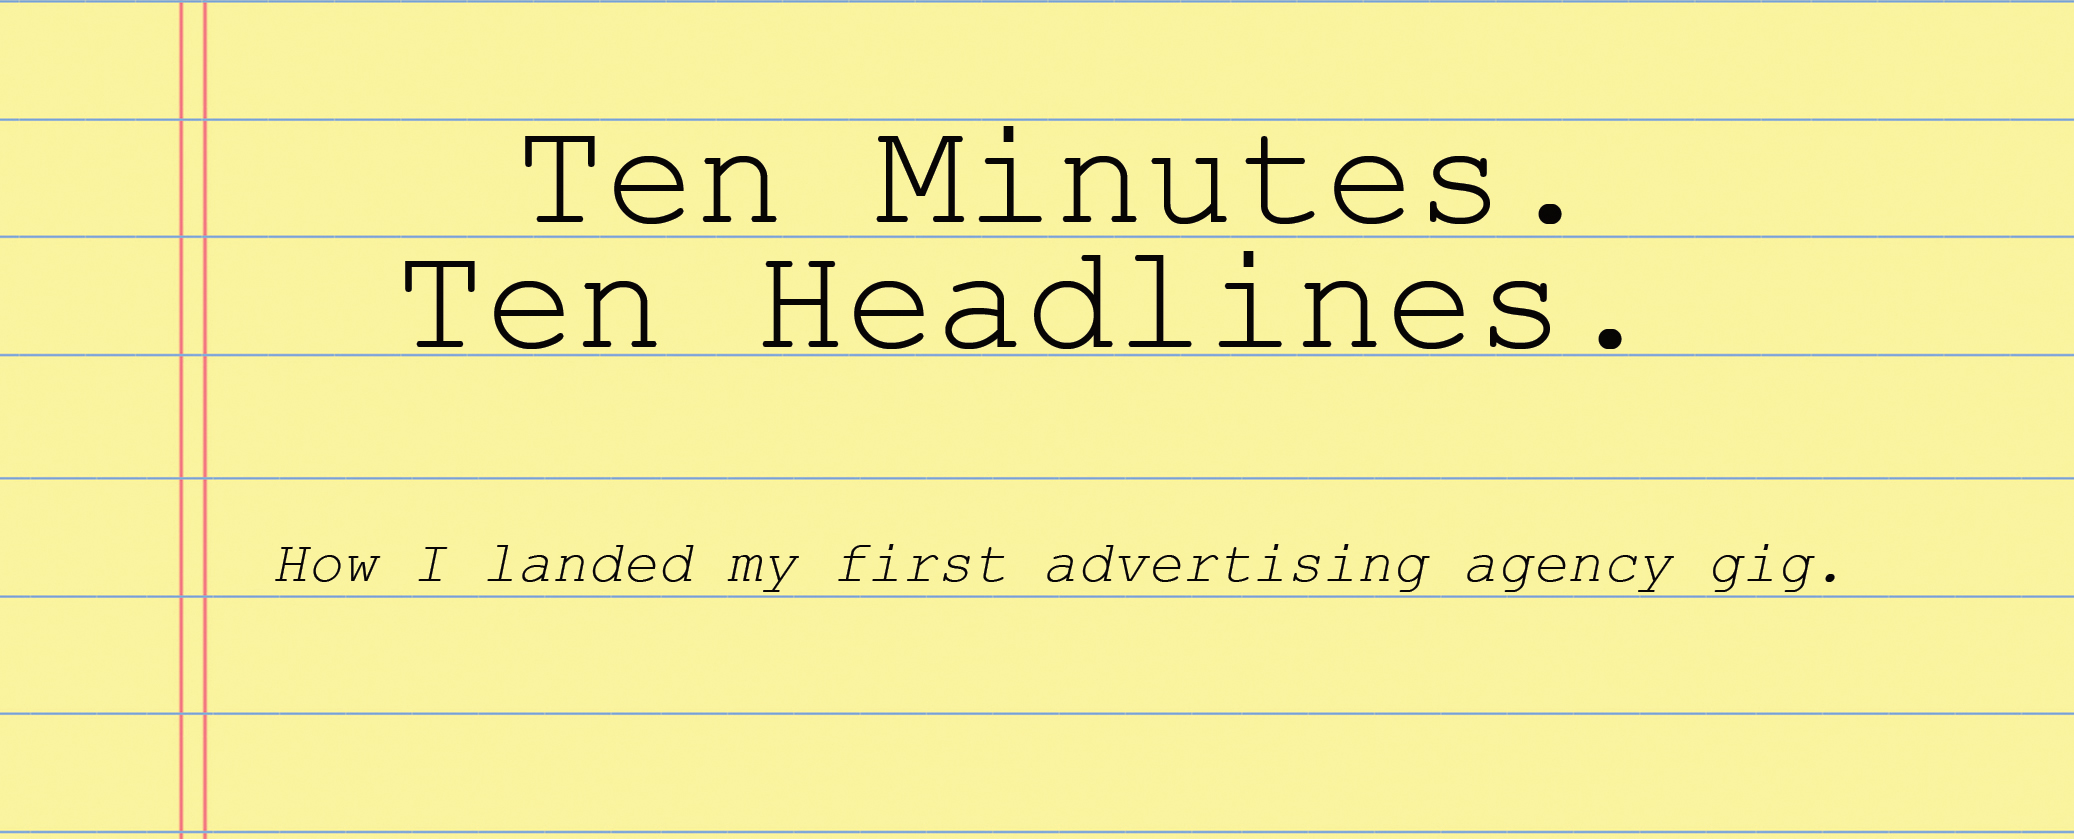 The Ten Headlines in Ten Minutes Challenge